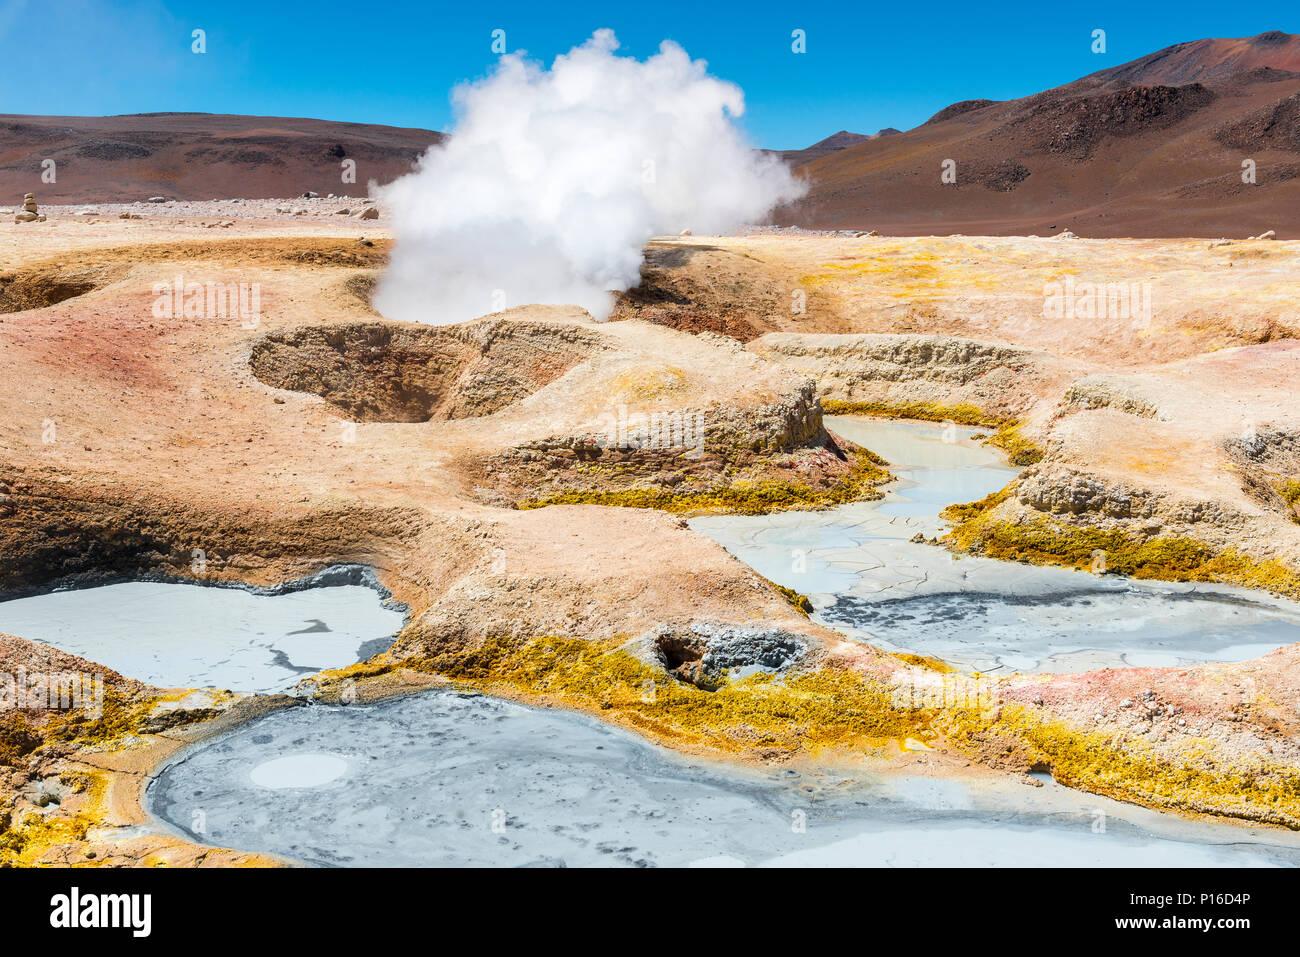 L'activité volcanique et géothermique de Sol de Manana dans la réserve Eduardo Avaroa entre l'Uyuni Salt Flat et le désert d'Atacama, la Bolivie. Photo Stock